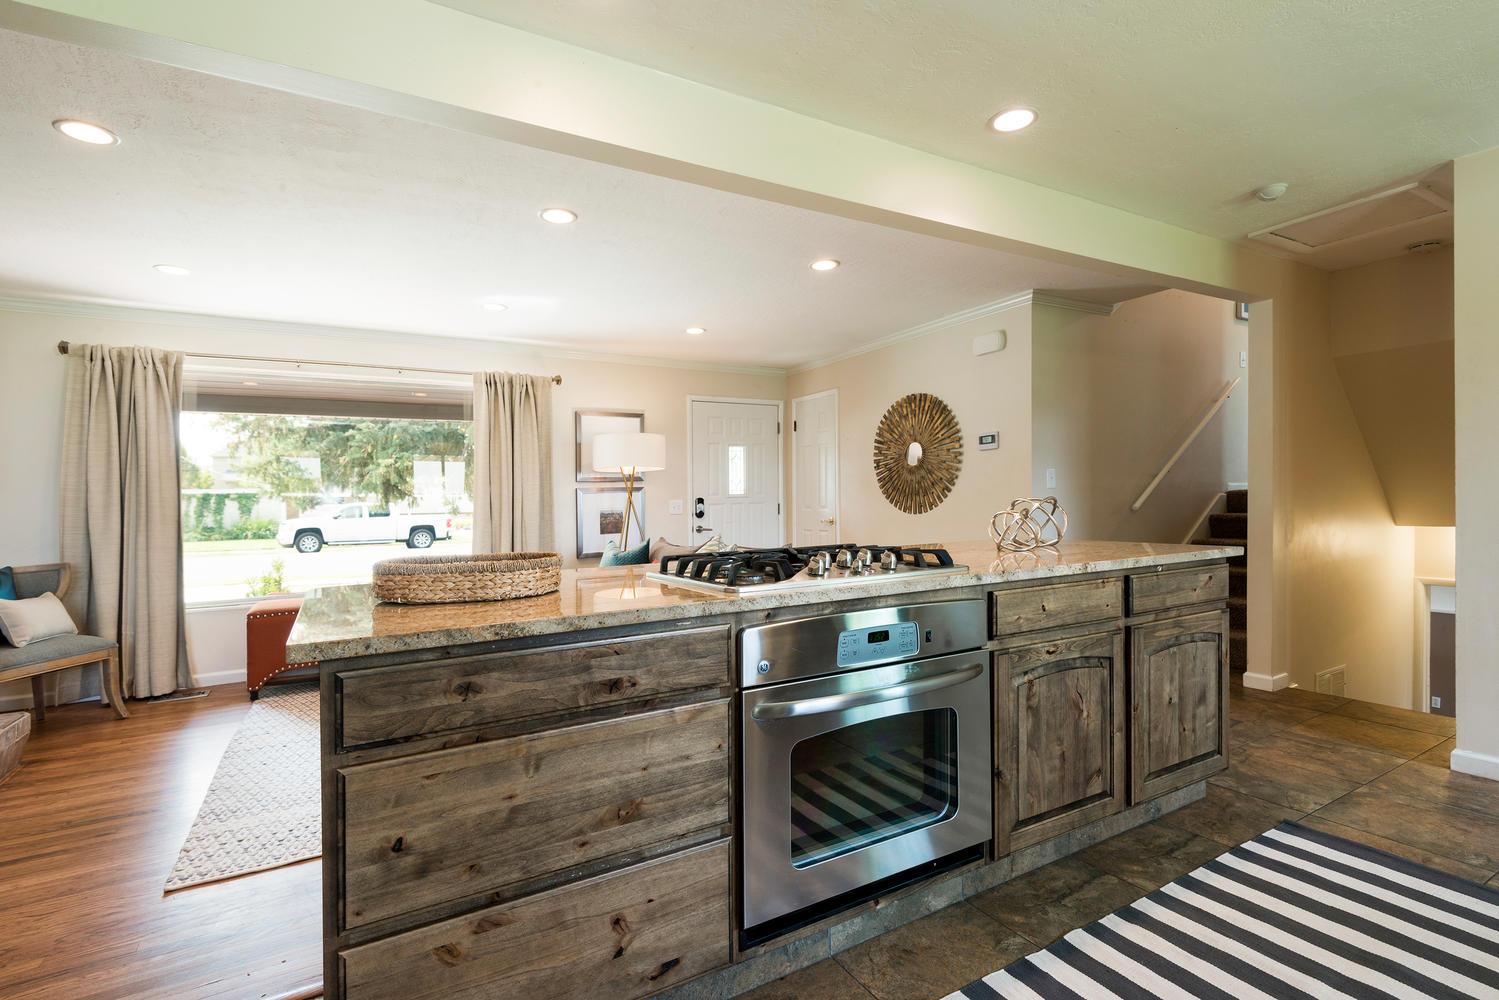 1423 E 5935 S kitchen3.jpg